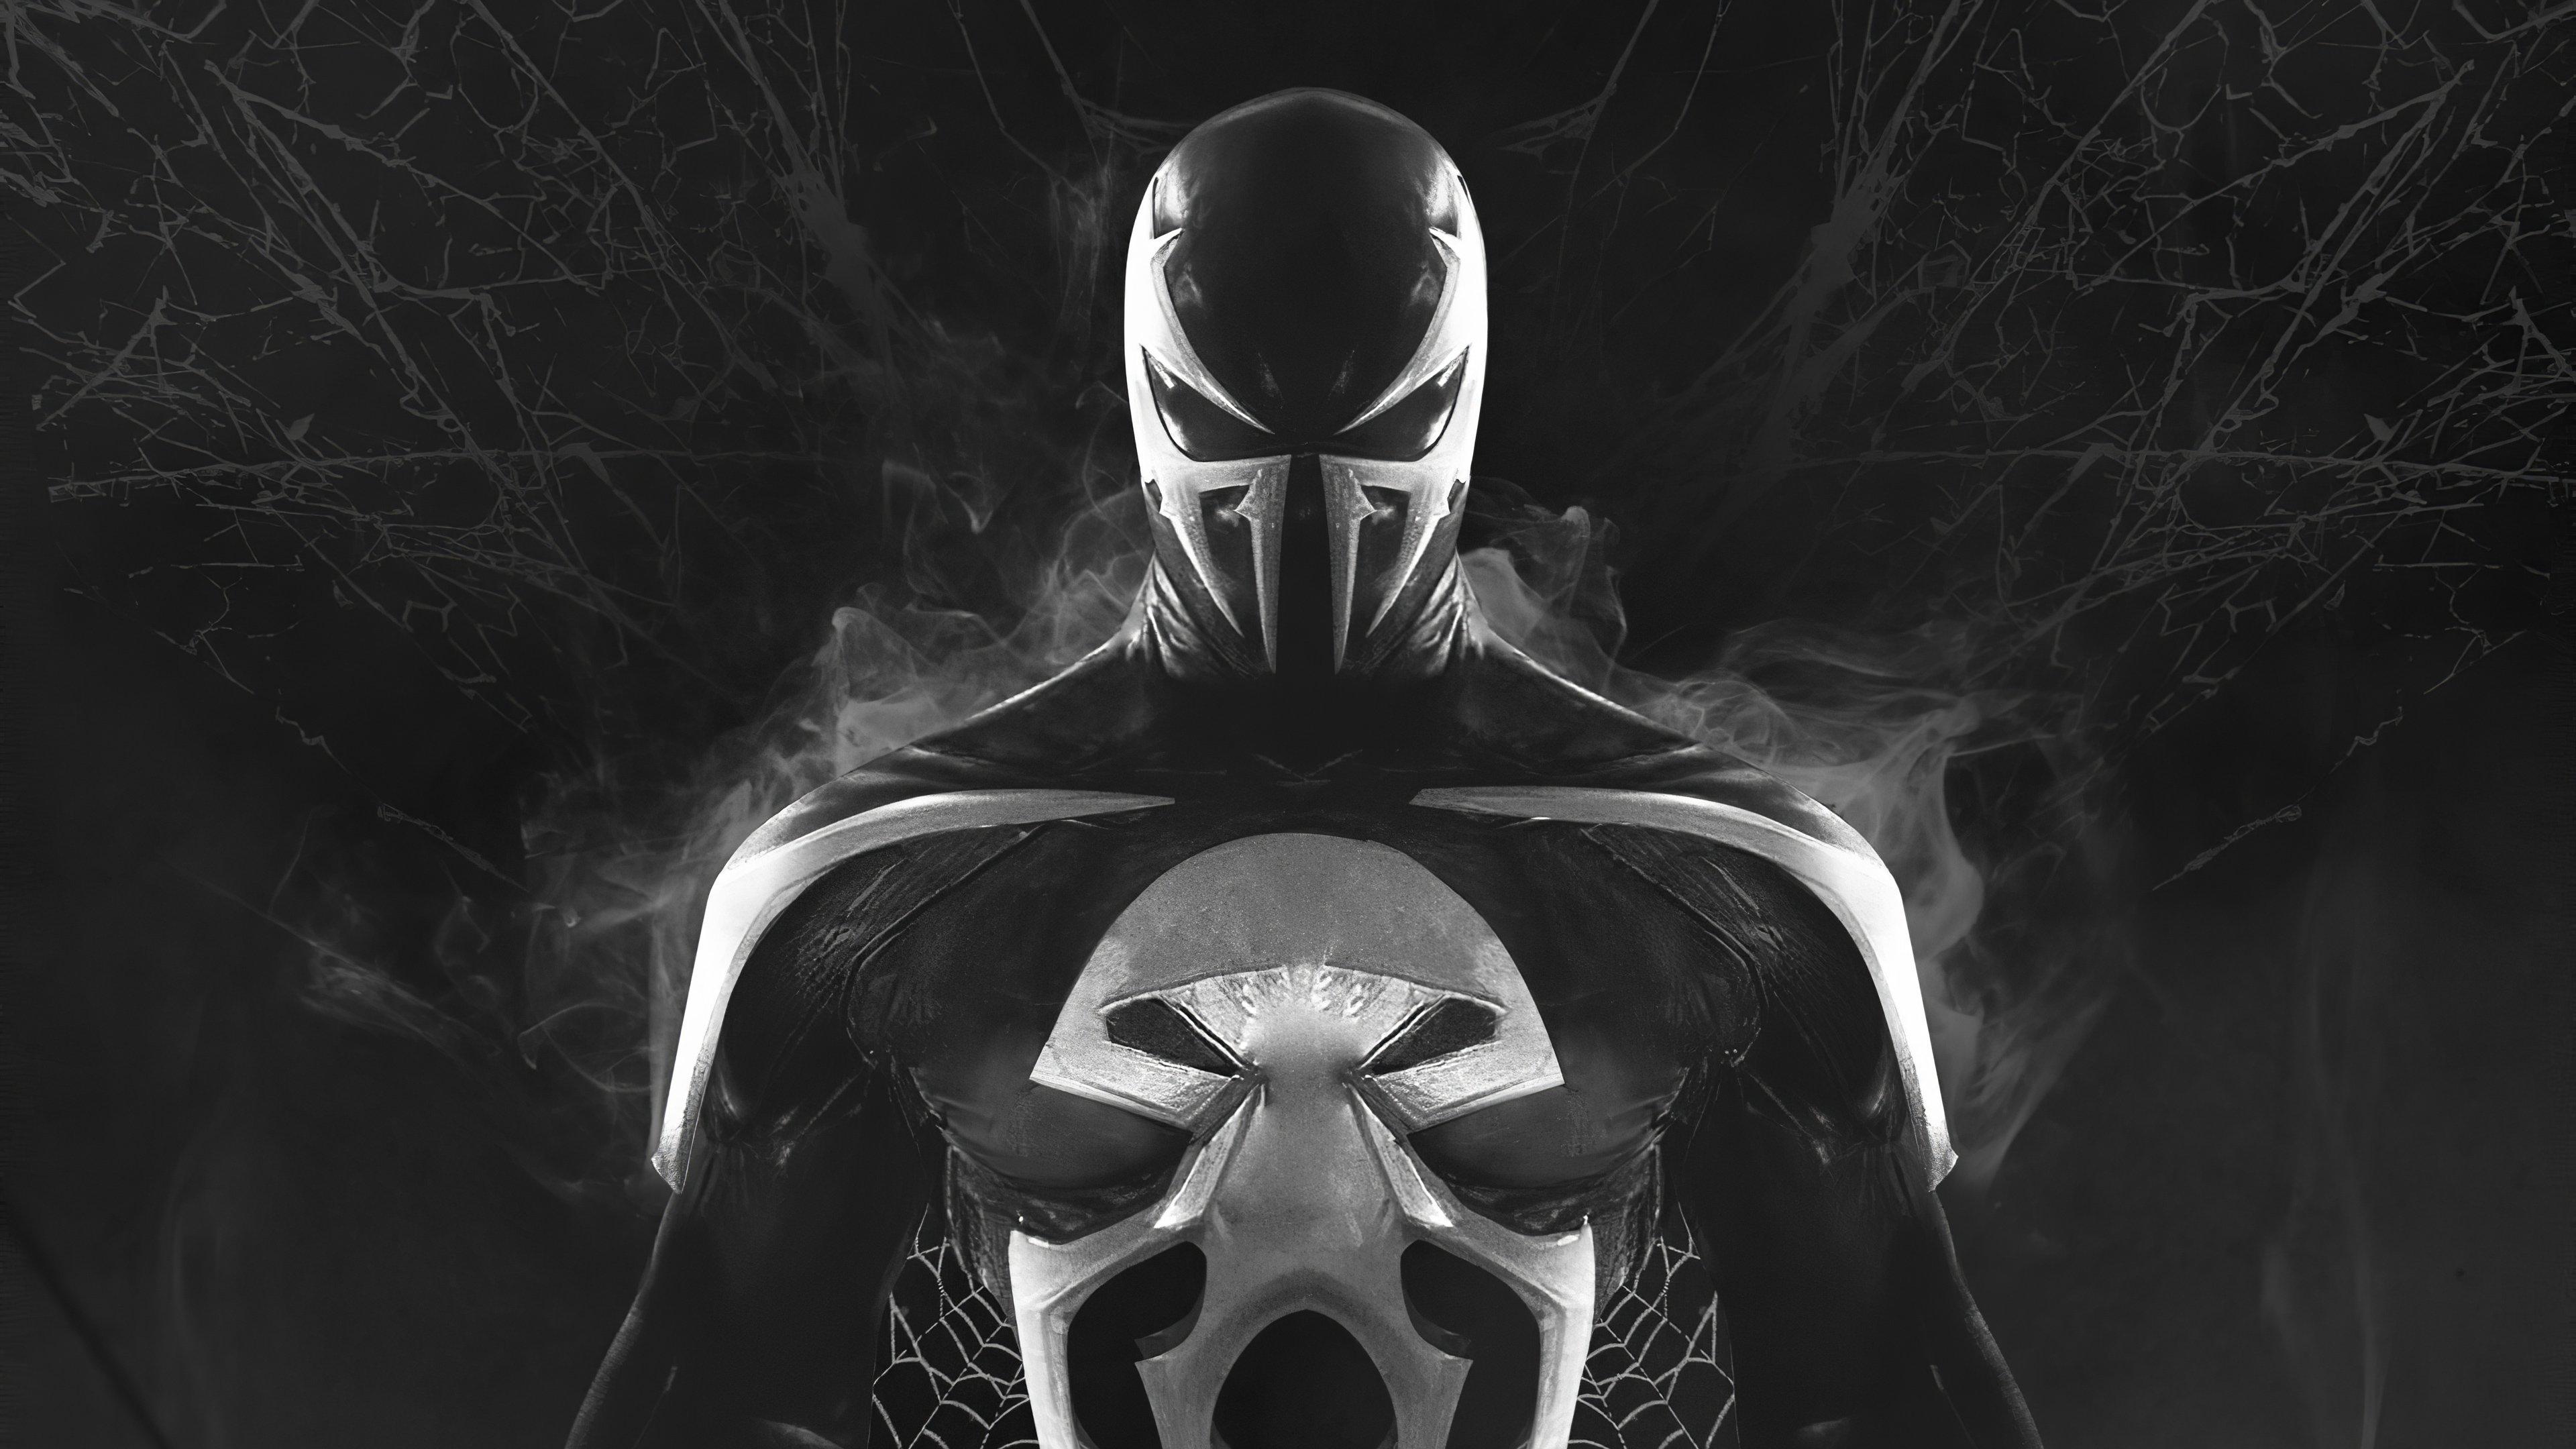 Fondos de pantalla Venom combinado con Punisher